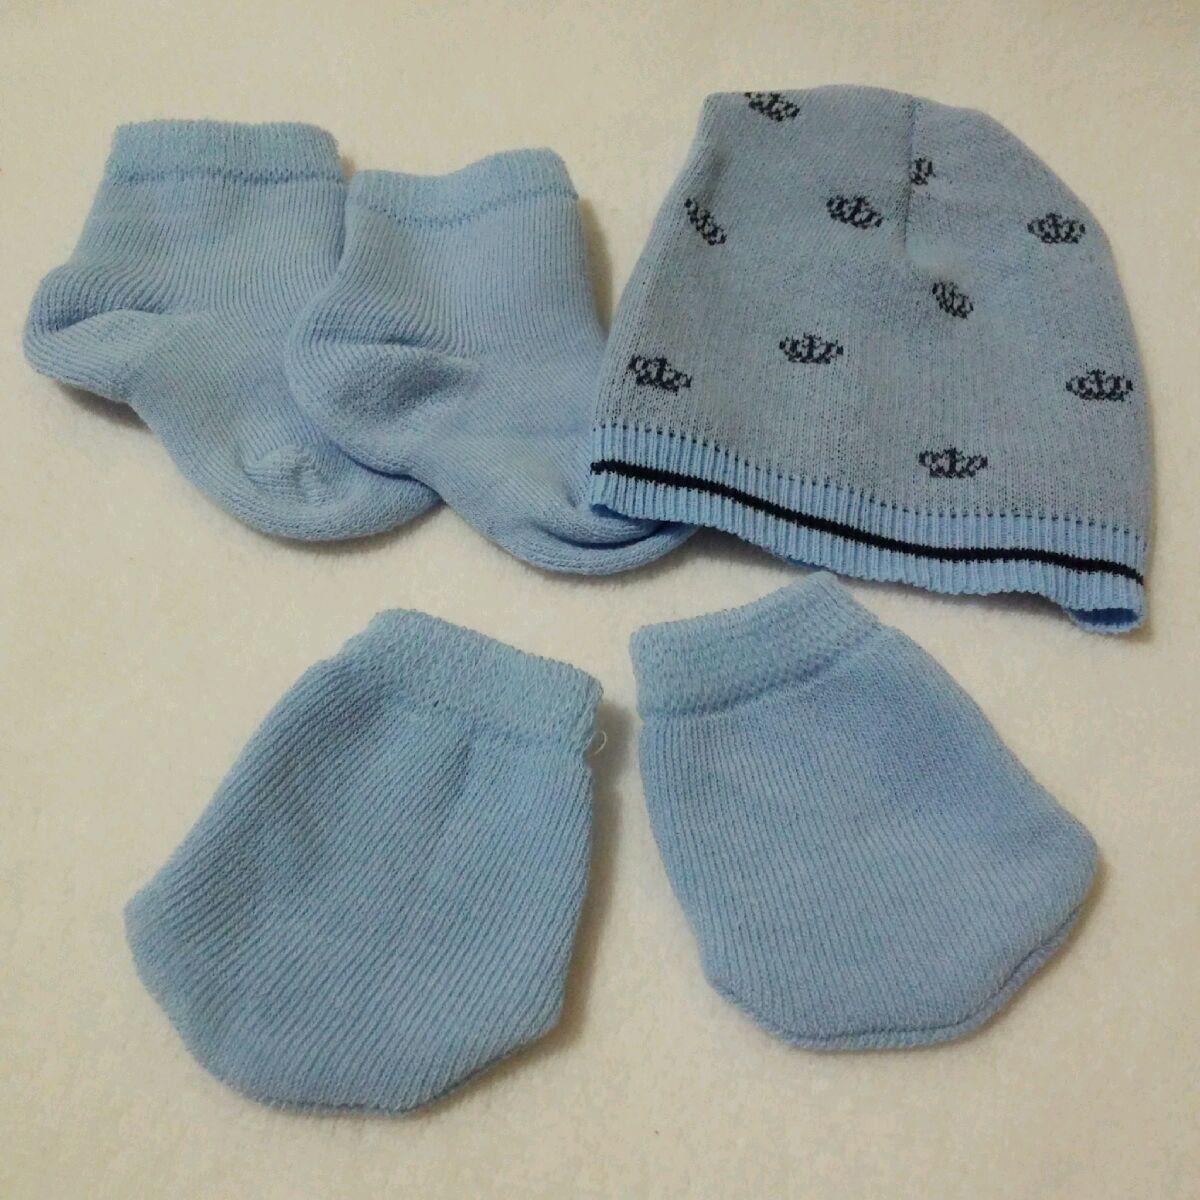 Sapatinho Azul Claro para Bebe Recem Nascido Unissex  a80db9d405d